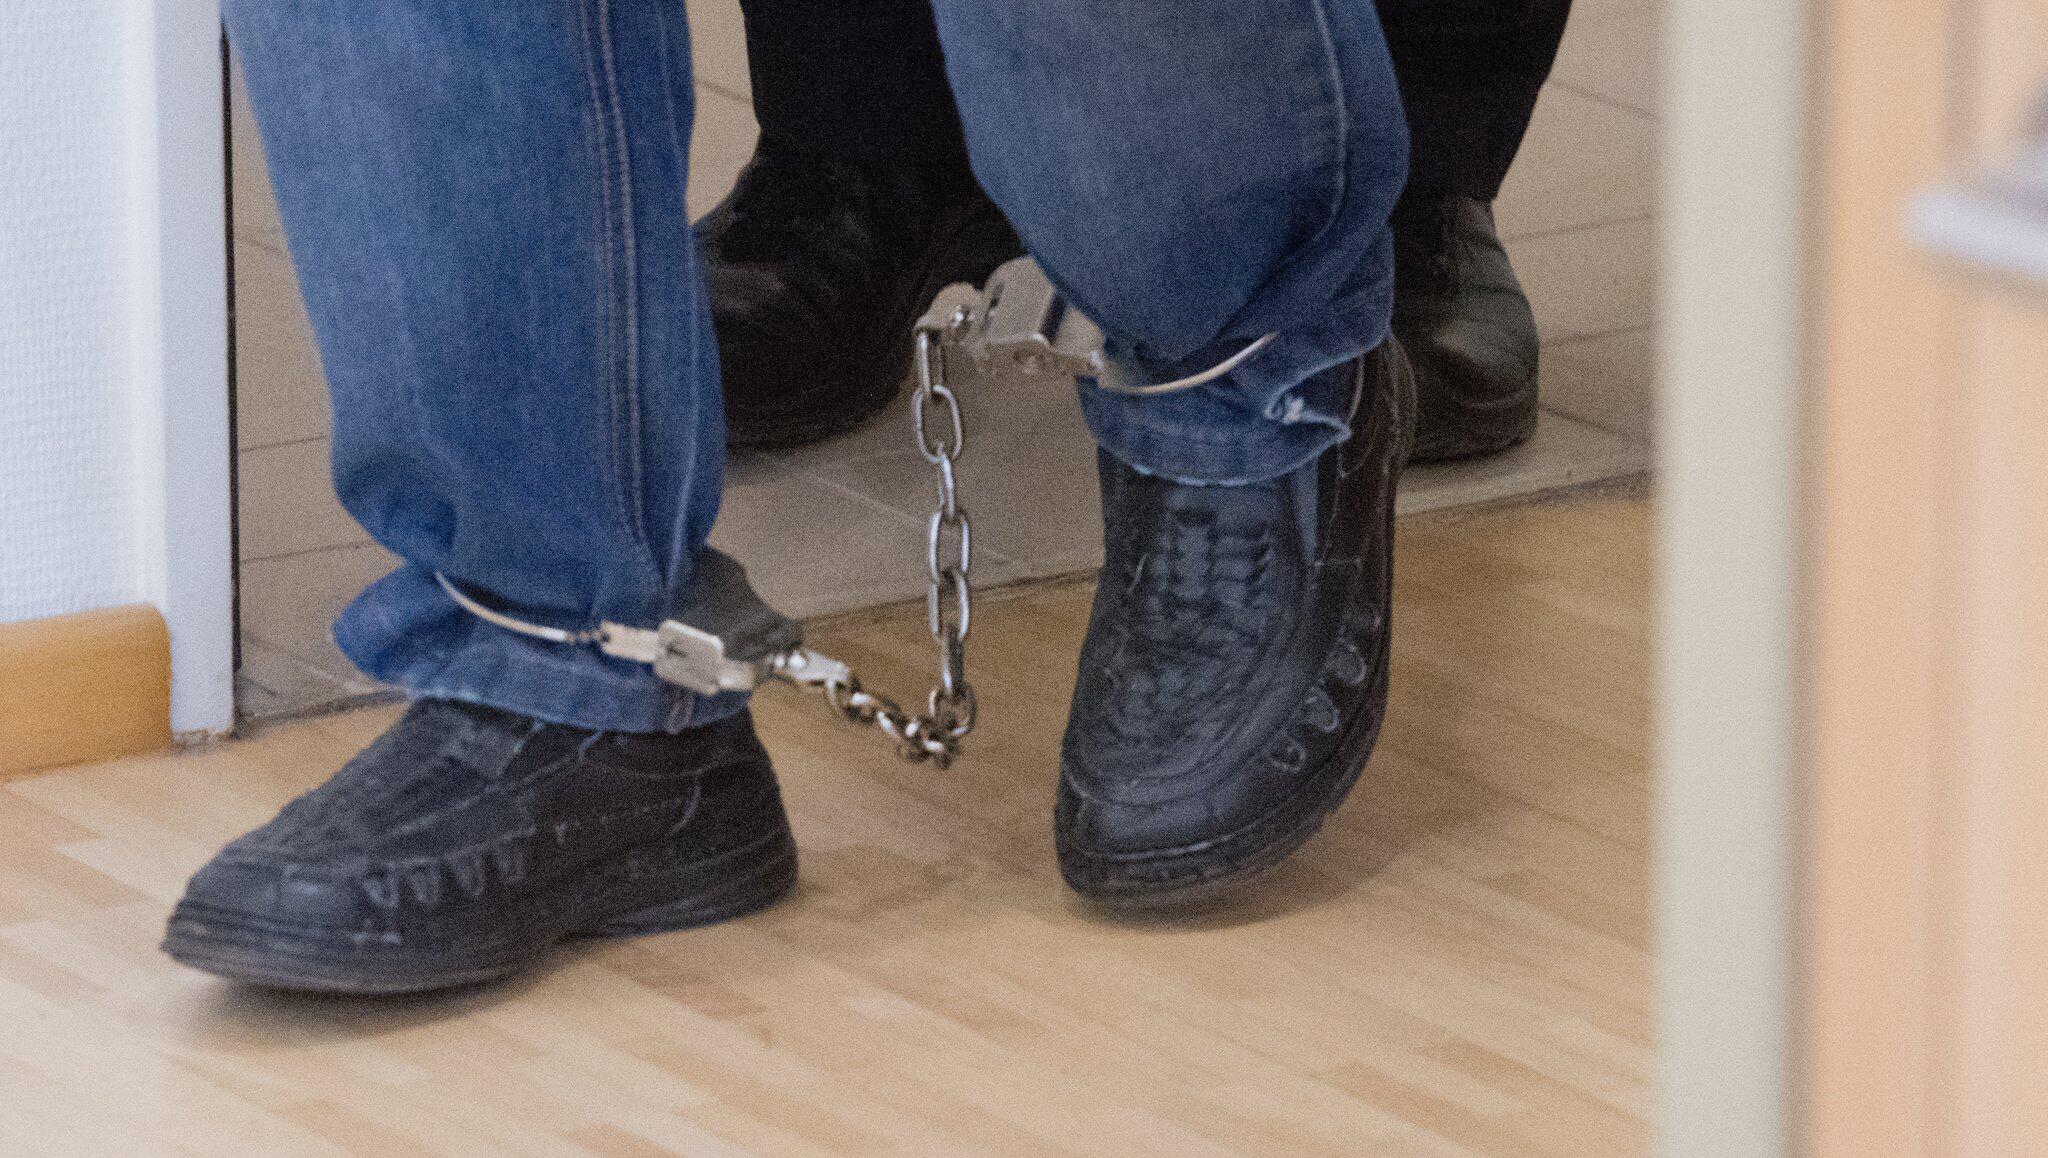 Bild zu Prozess gegen einen Großvater, Stralsund, Missbrauch, Enkelinnen